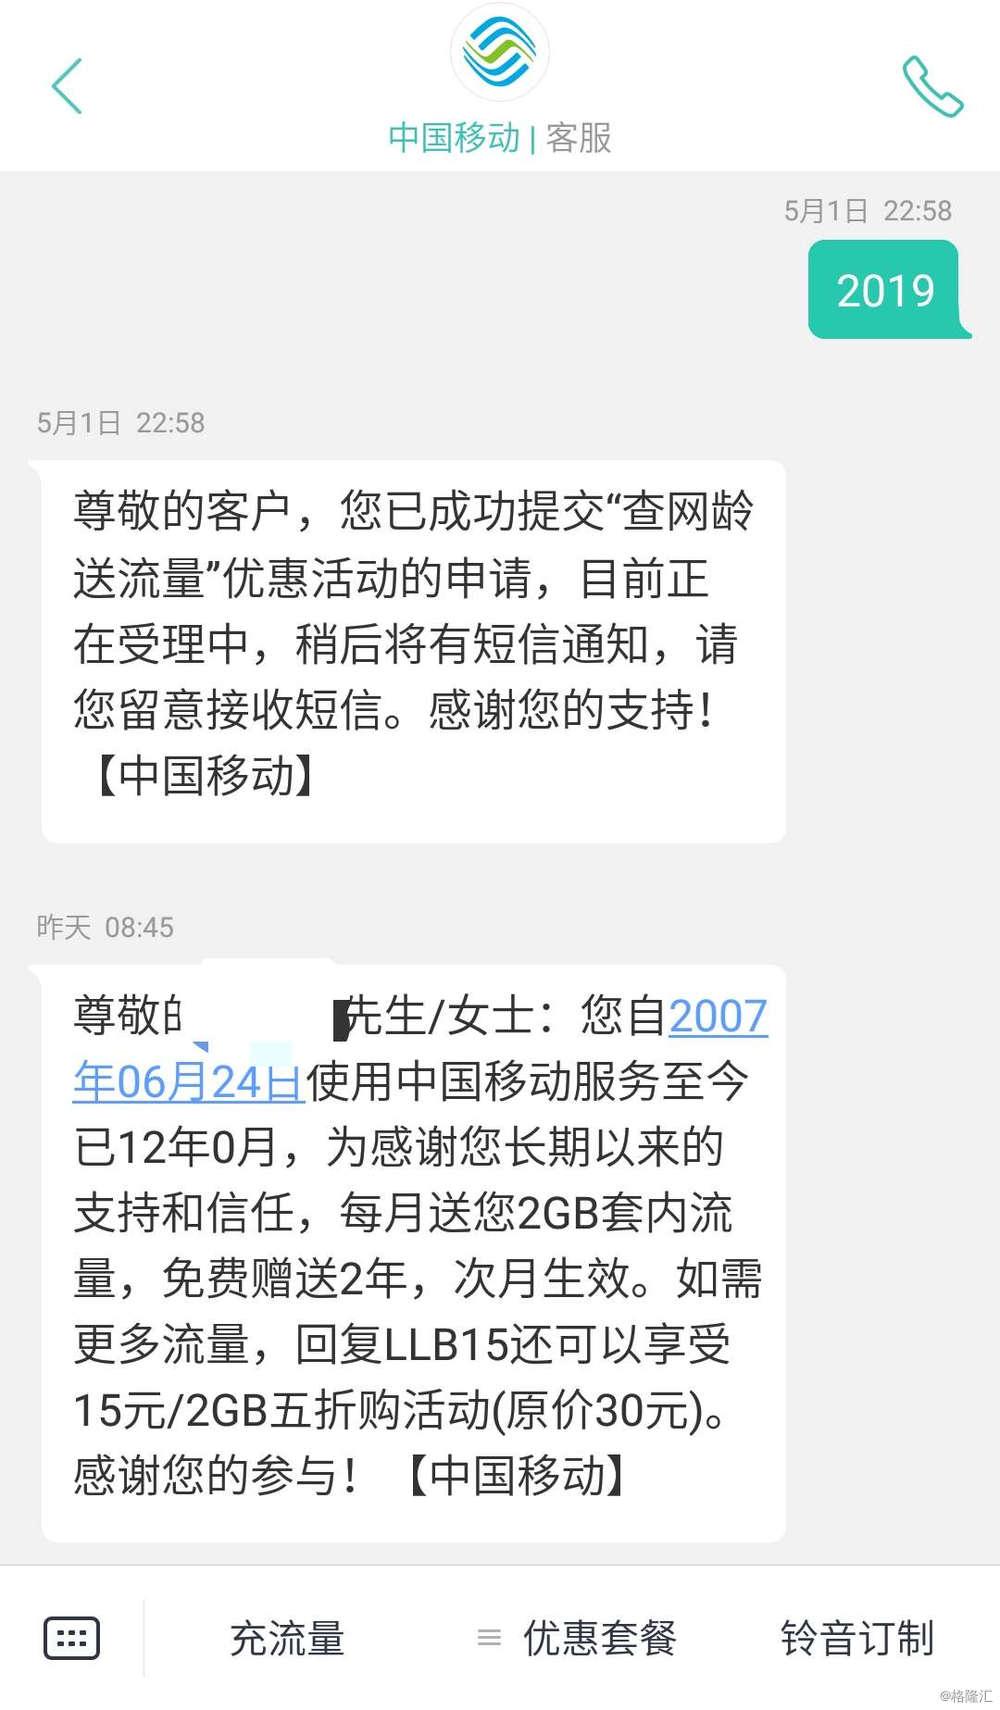 查网龄送流量长达2年 中国移动否认限制携号转网